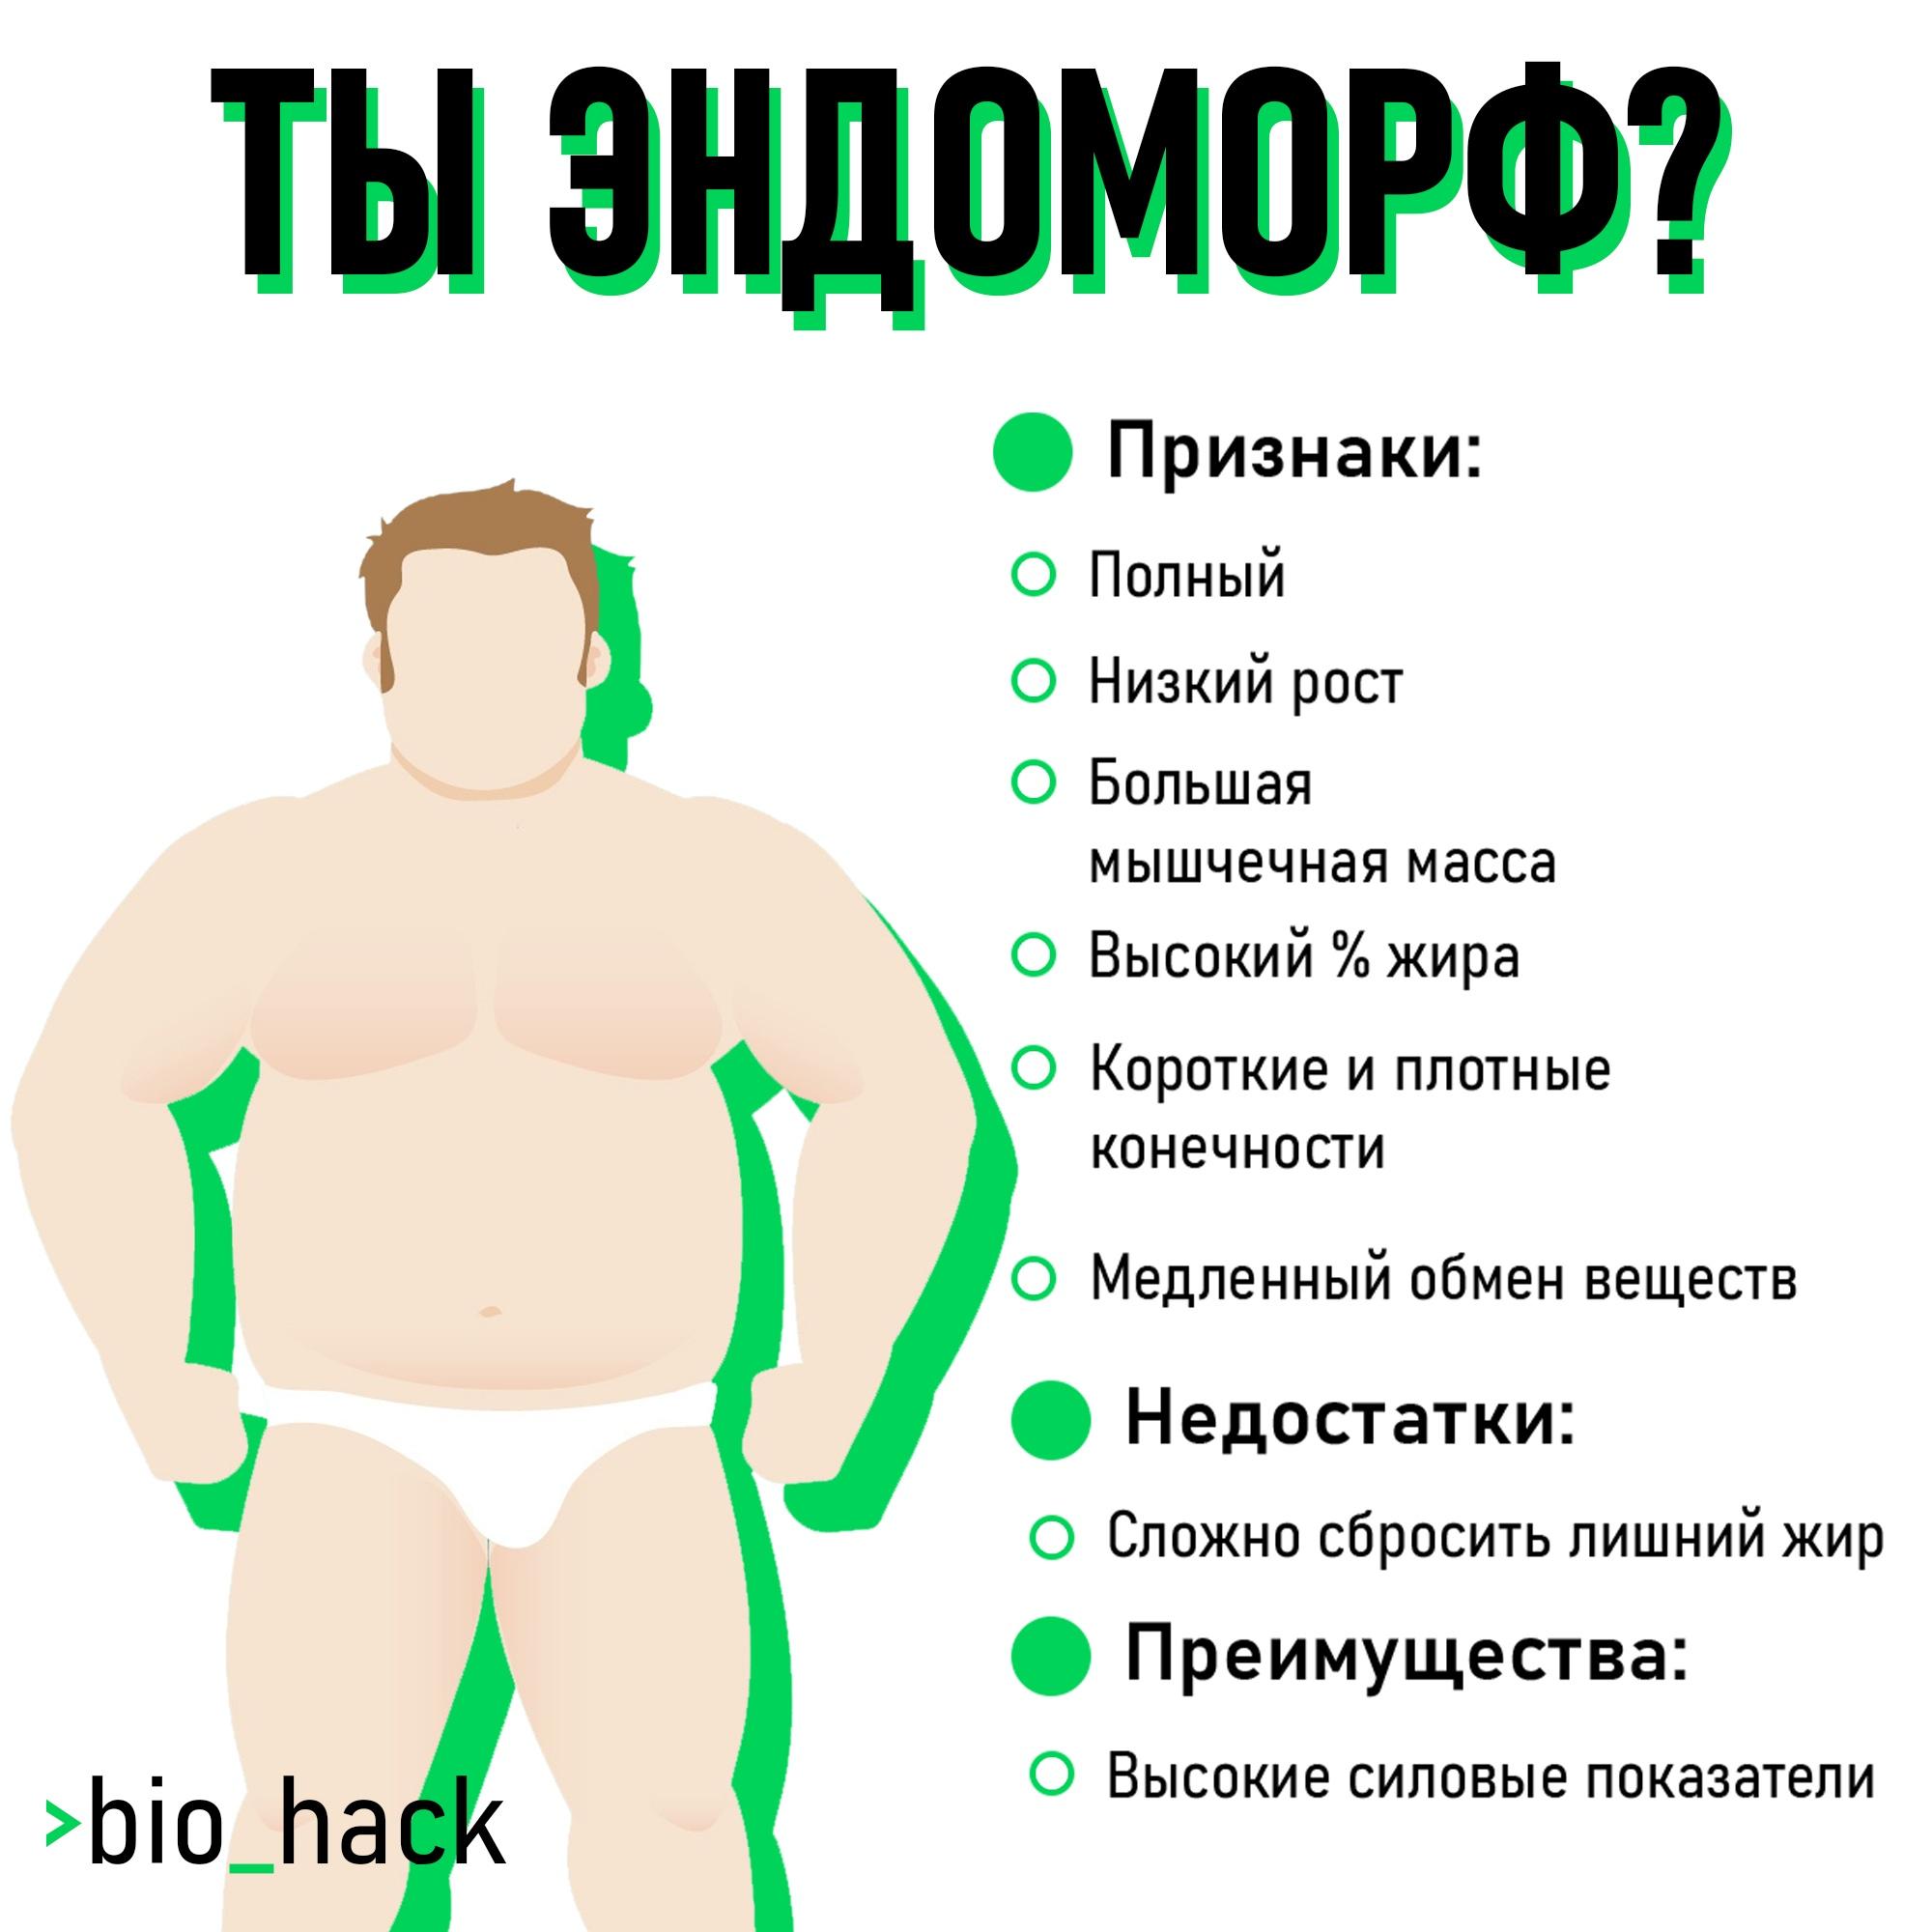 Эндоморф Питание На Похудение. В чем особенности правильного питания для эндоморфов?